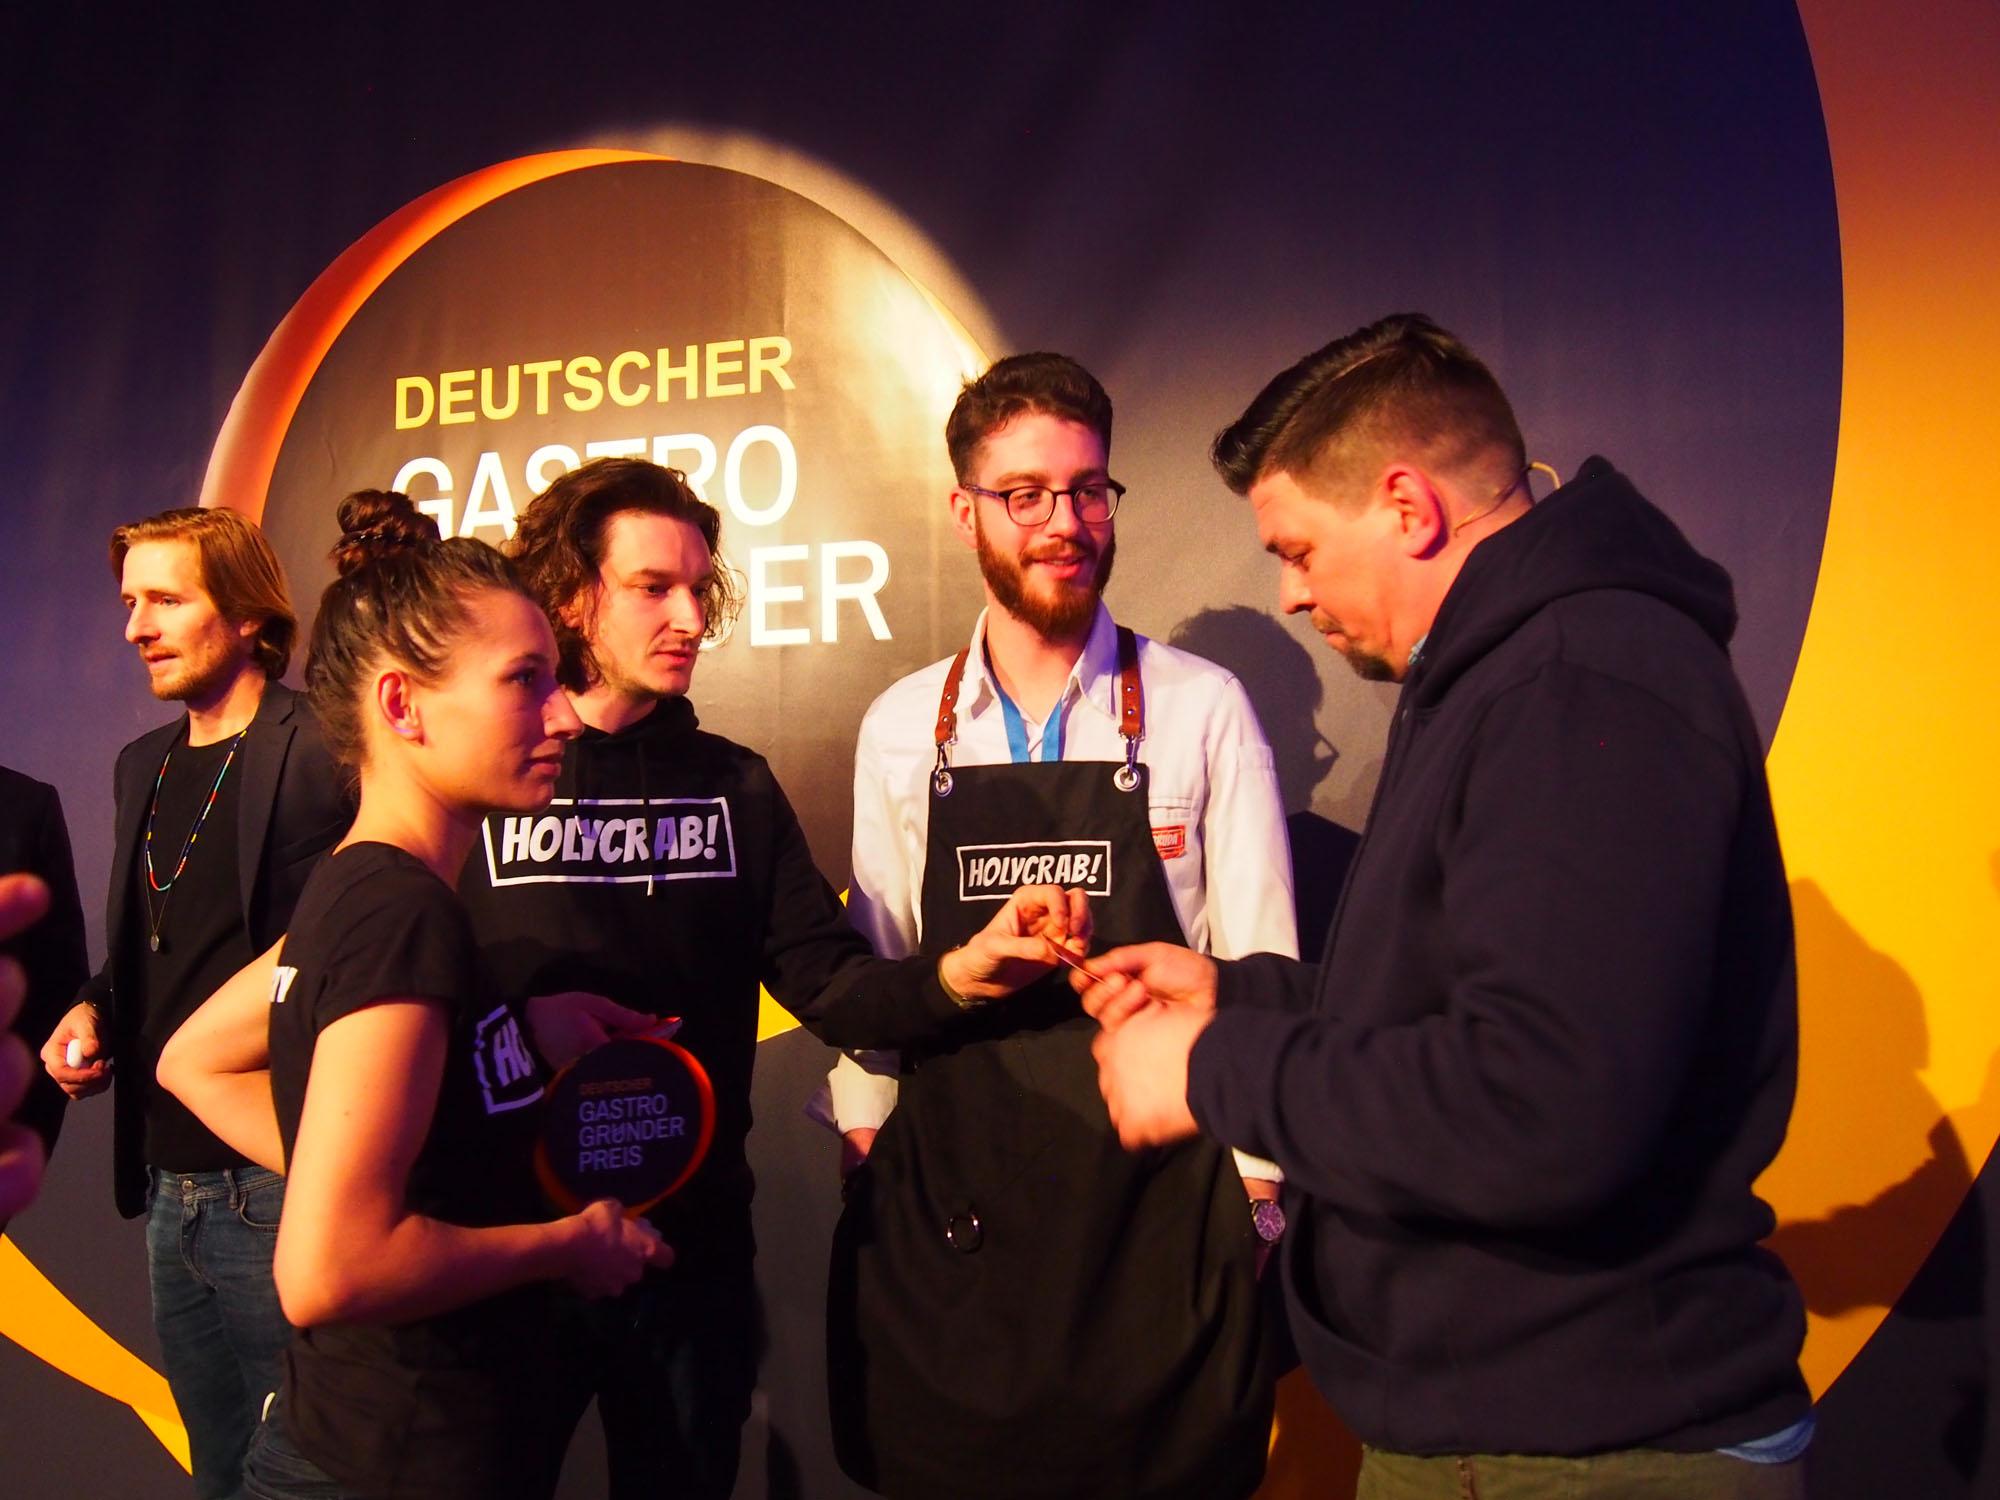 Holycrab-Gründer und Tim Mälzer beim Gastro-Gründerpreis Finale 2019